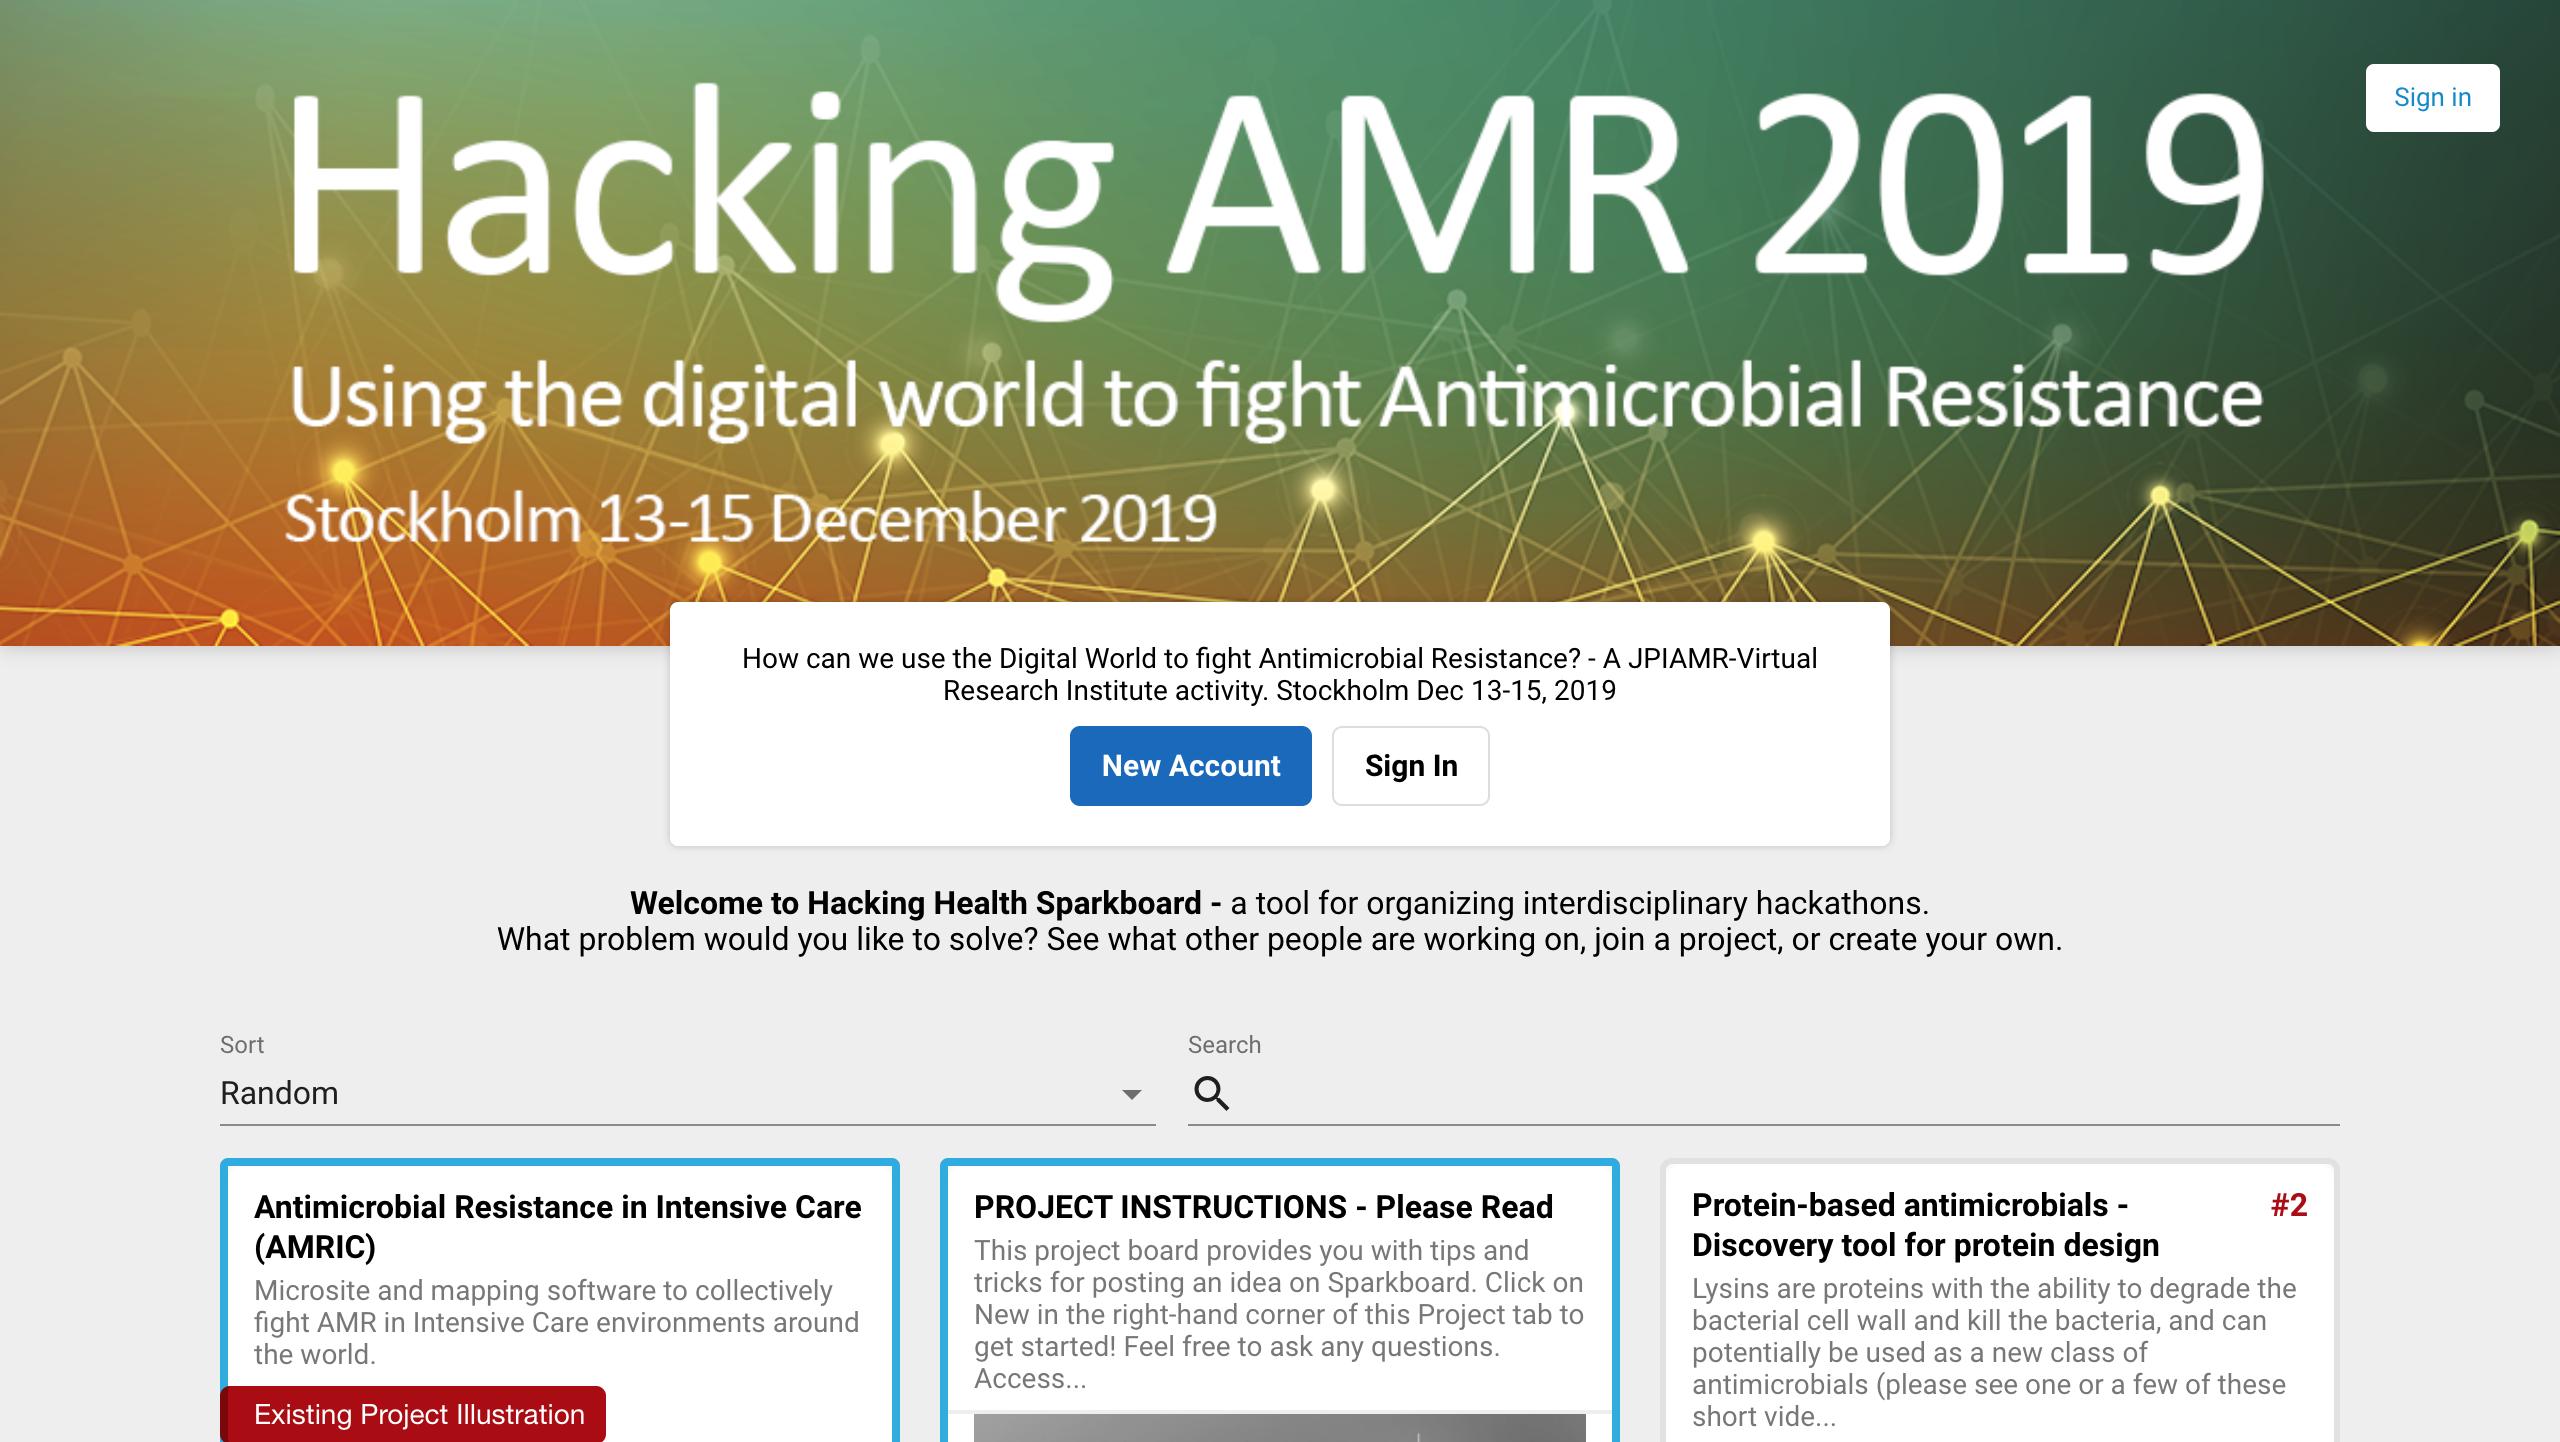 Hacking AMR 2019, Sparkboard